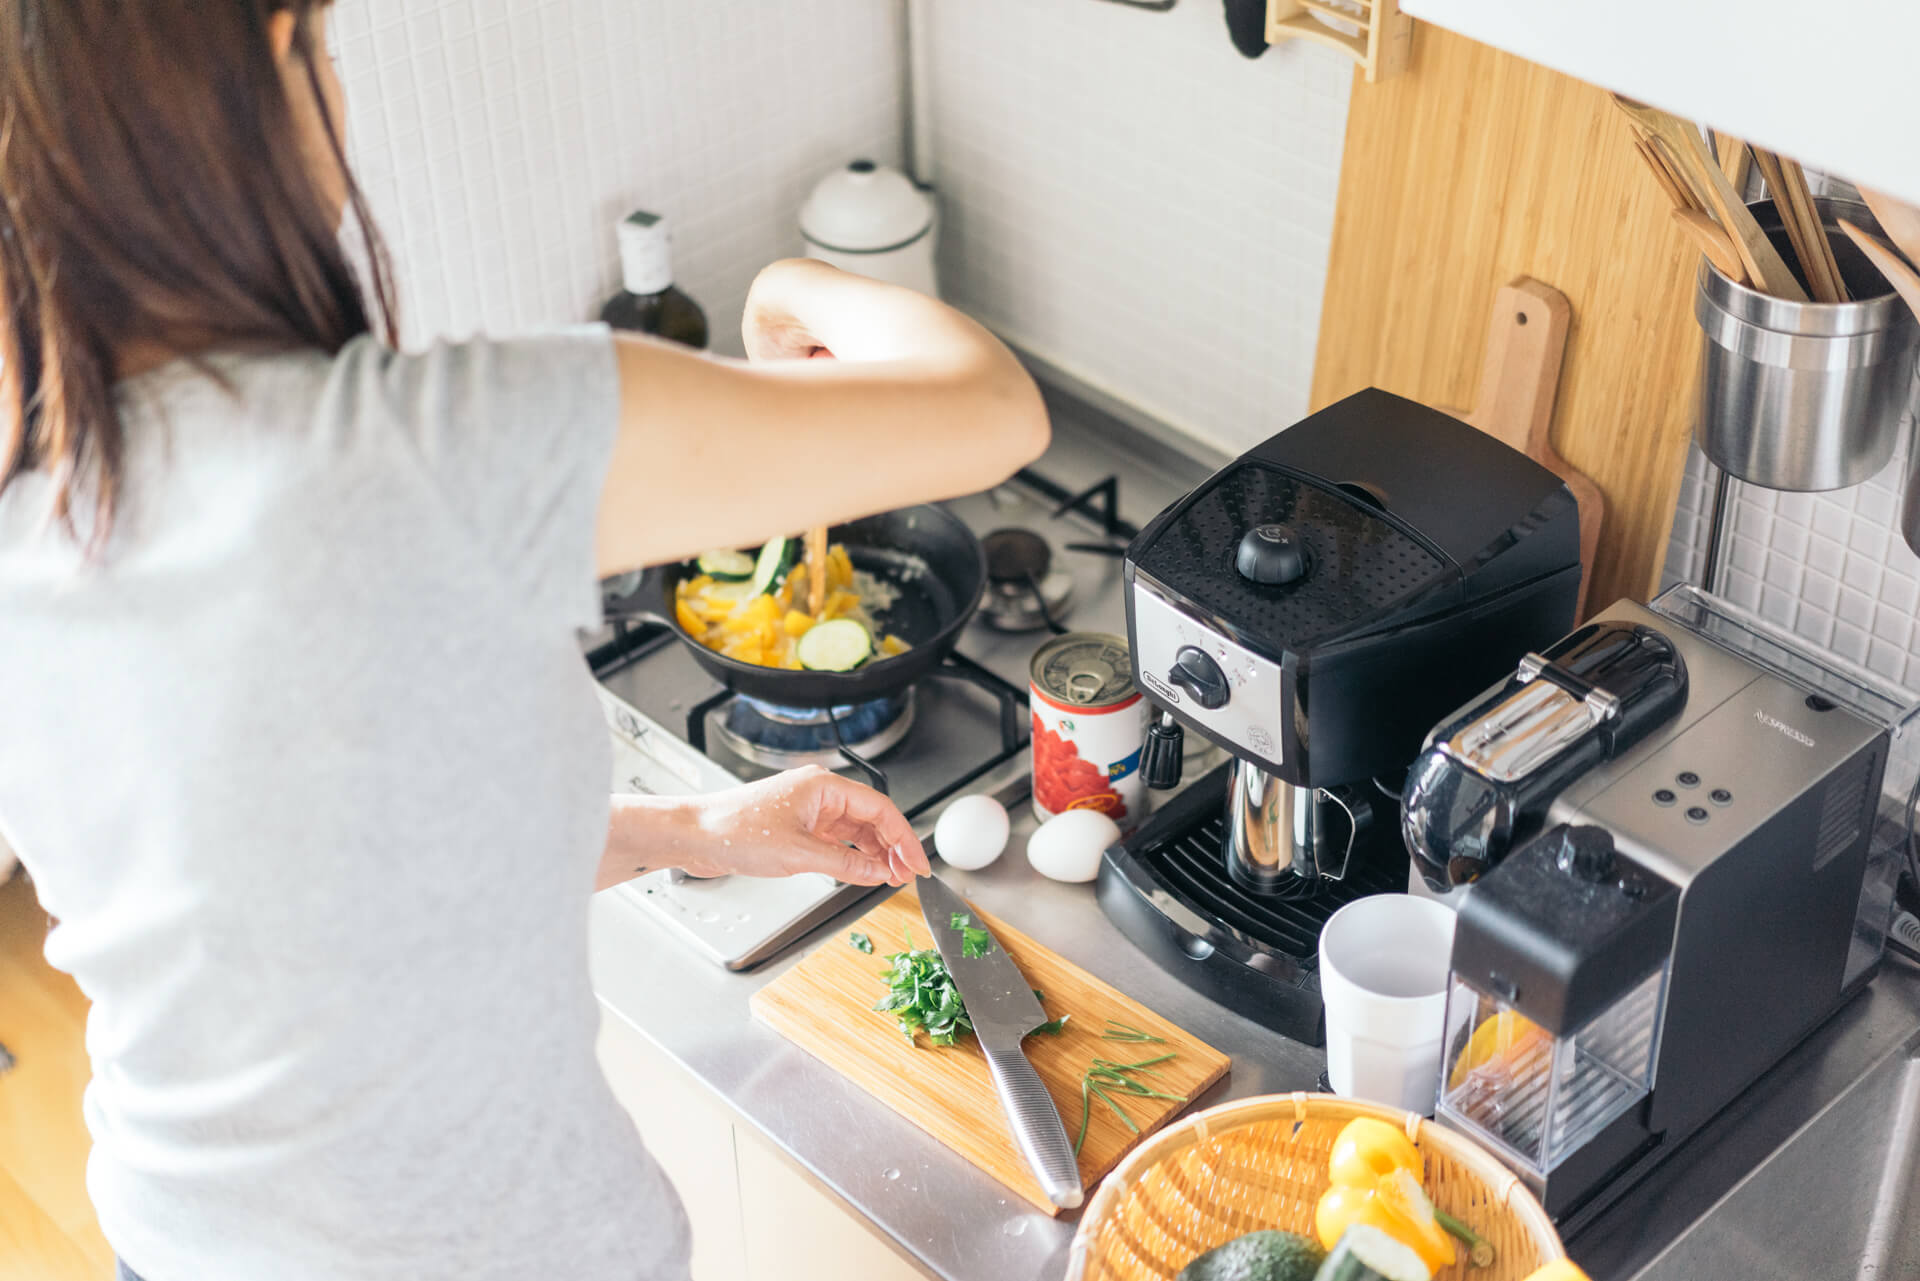 伊藤愛子さんのお部屋では、フライパンもまな板も、少し小さいひとり暮らしサイズのものを愛用。小さなスペースを活用して、あっという間に一人分の料理を完成させます。